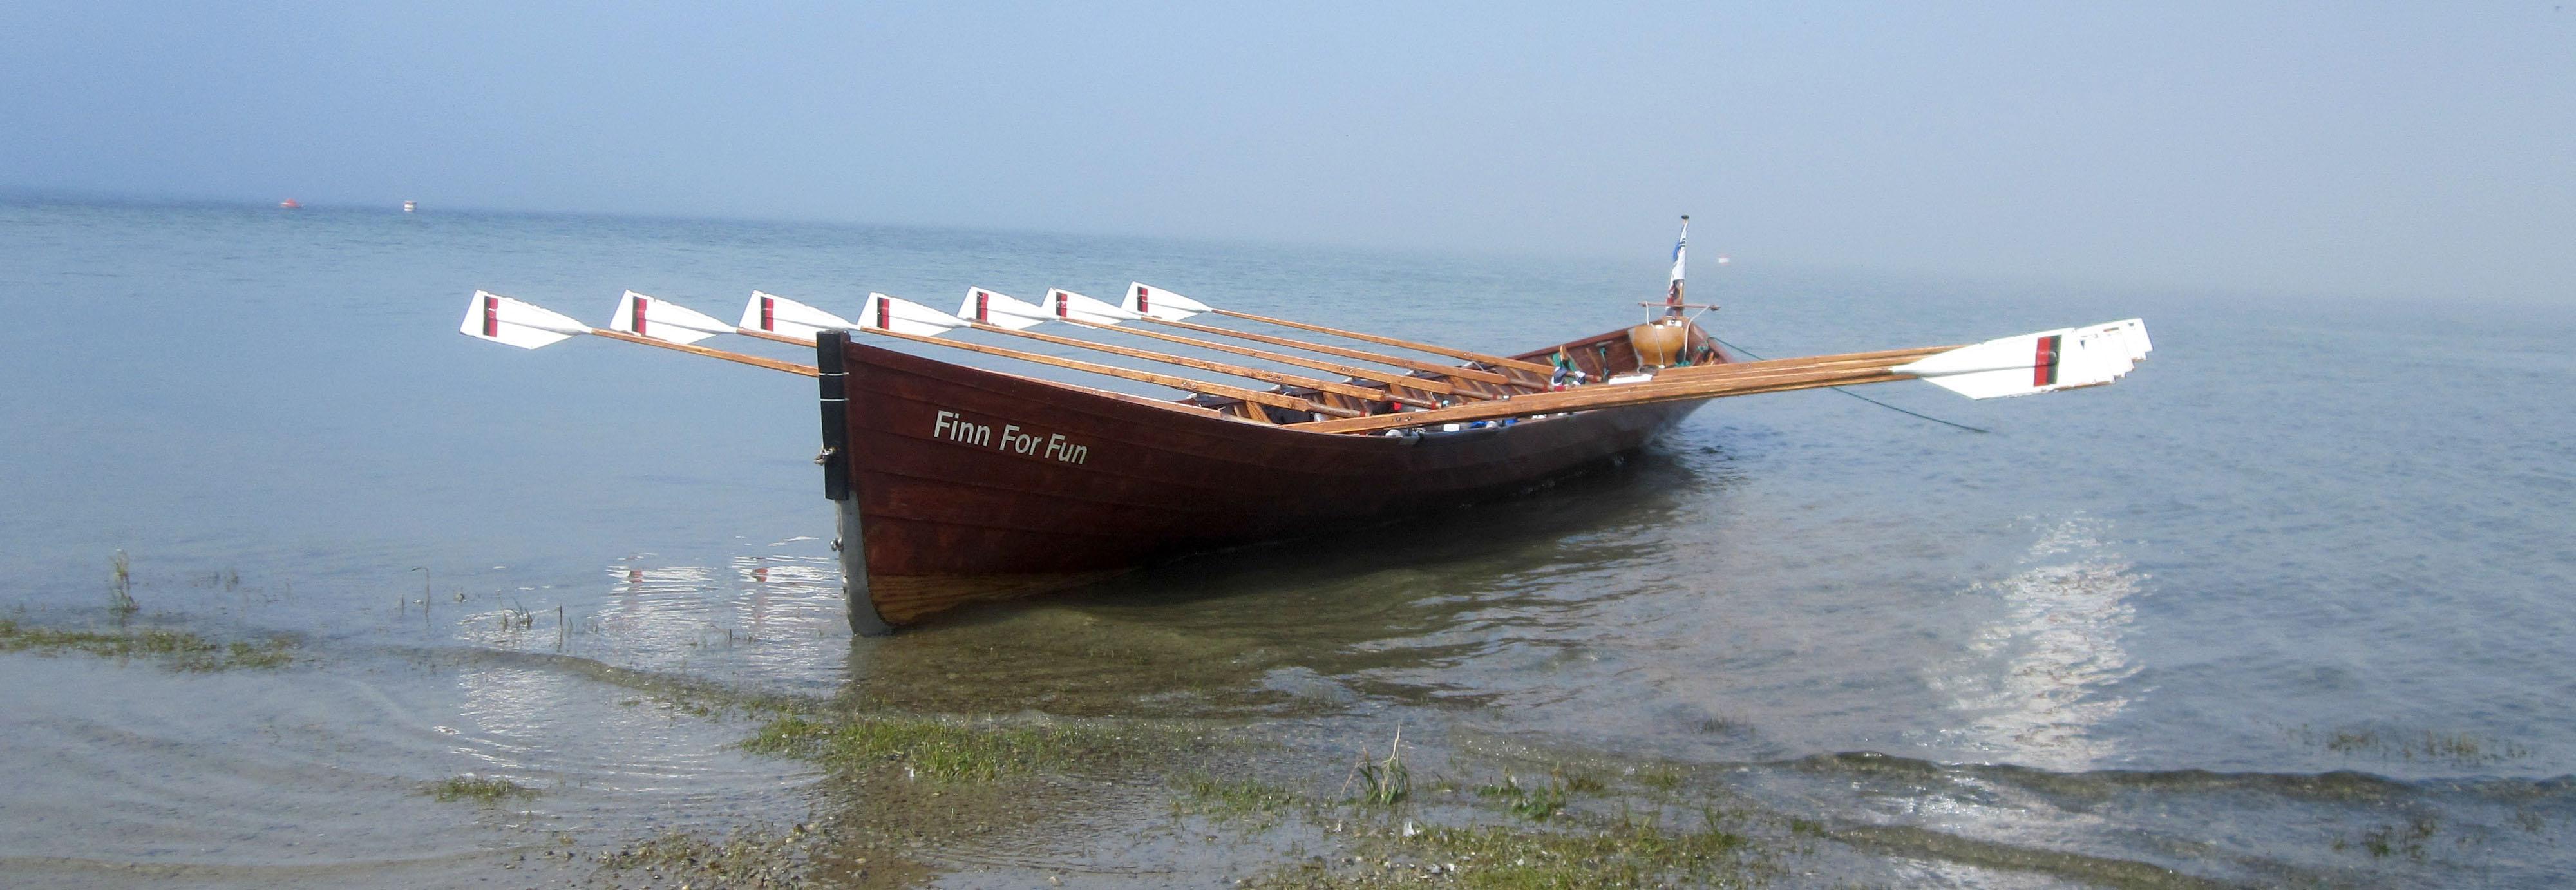 kirchbootslider